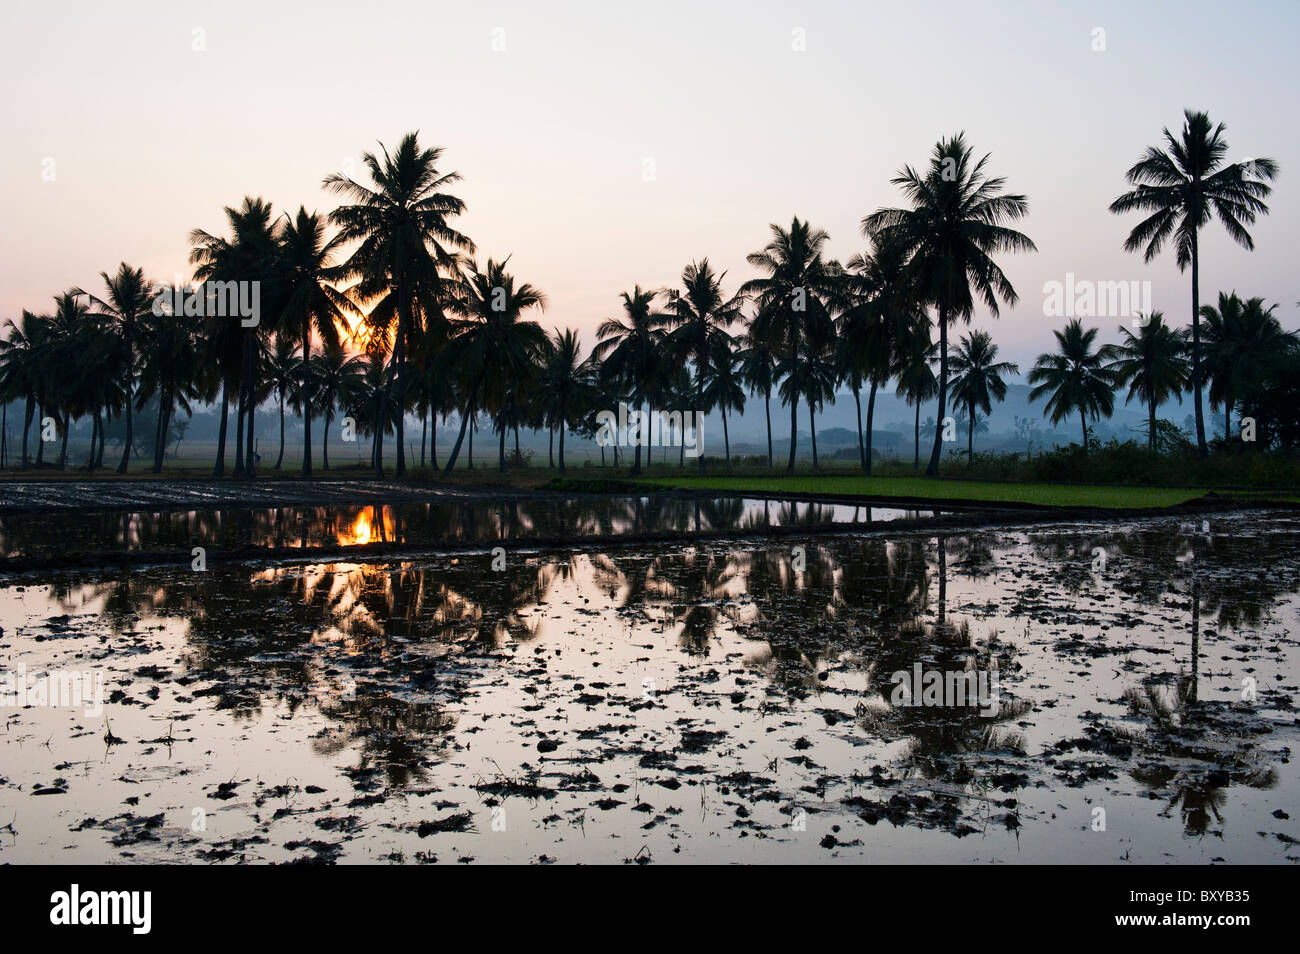 Preparate il riso indiano paddy di fronte palme all'alba nella campagna indiana. Andhra Pradesh, India Immagini Stock